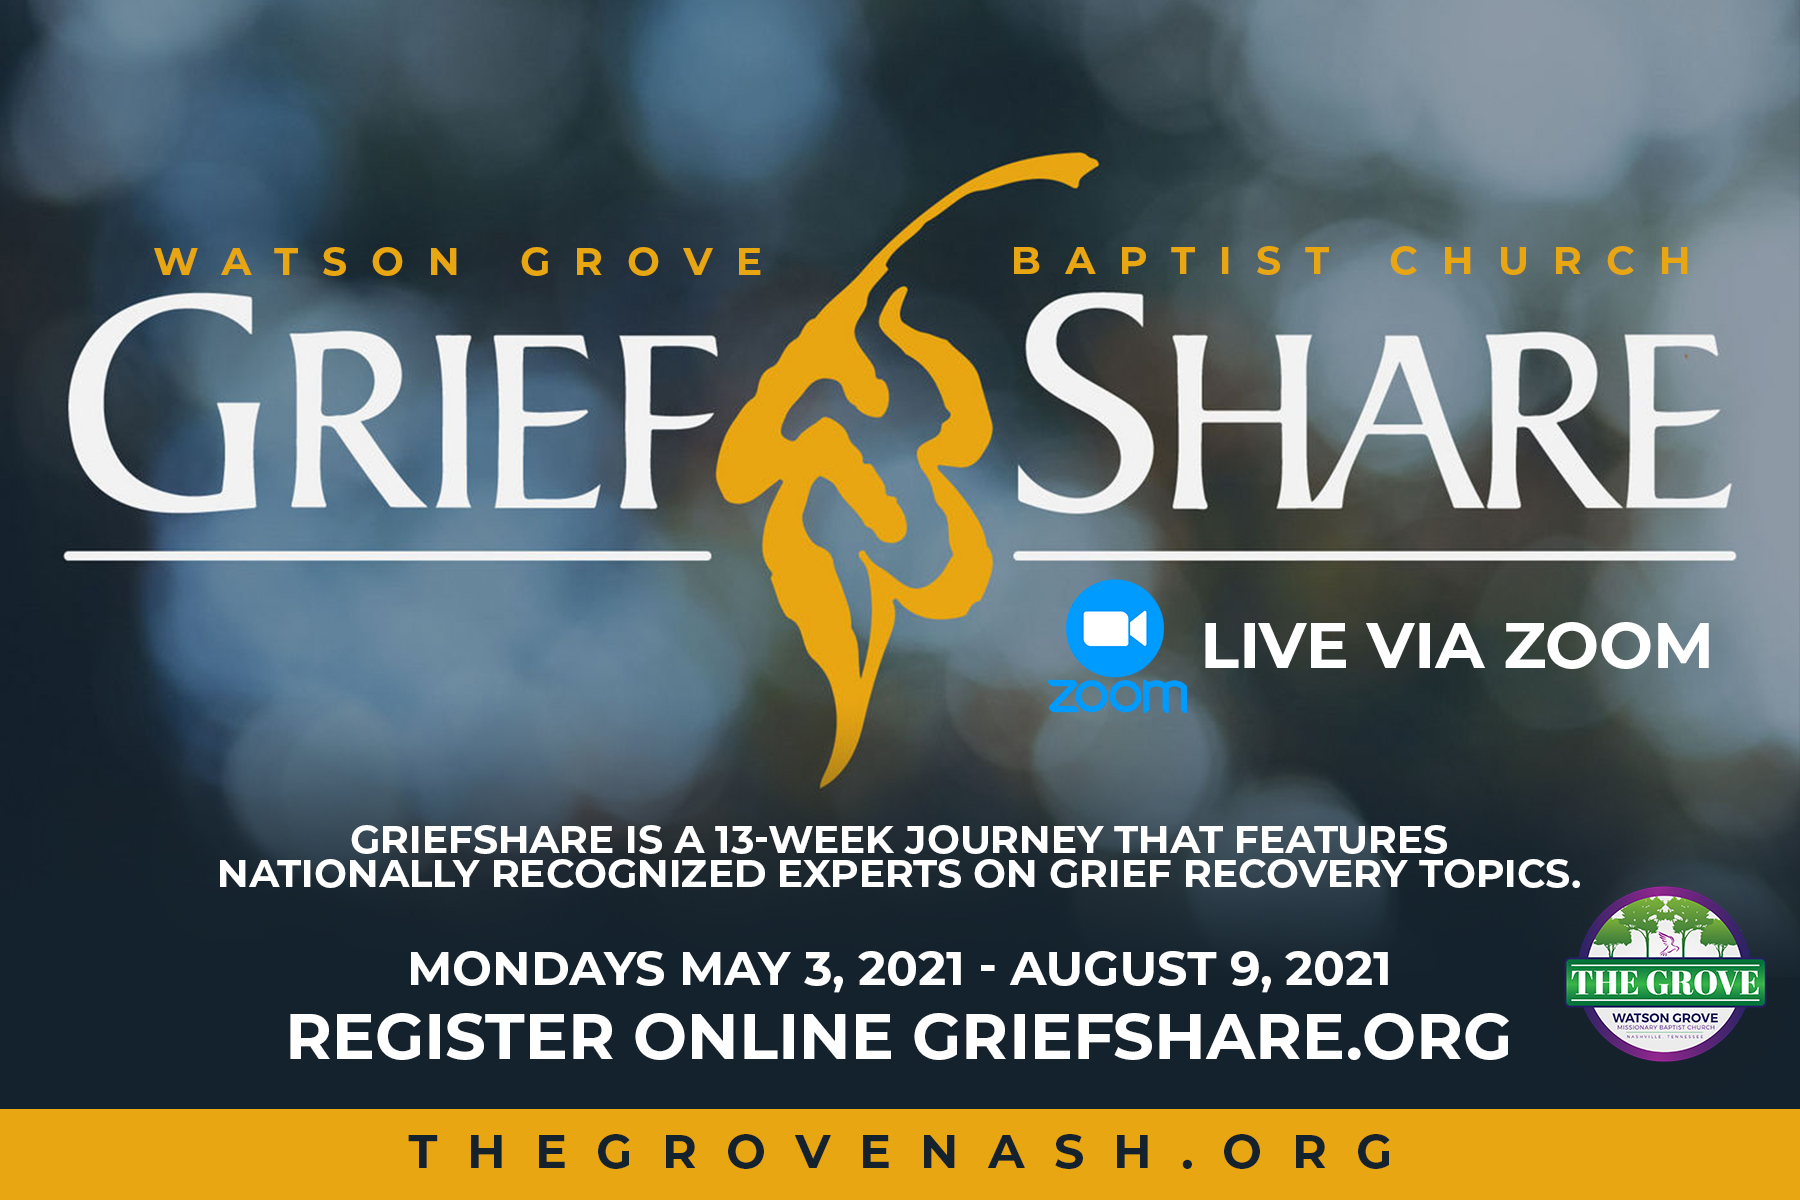 GRIEFSHARE2021